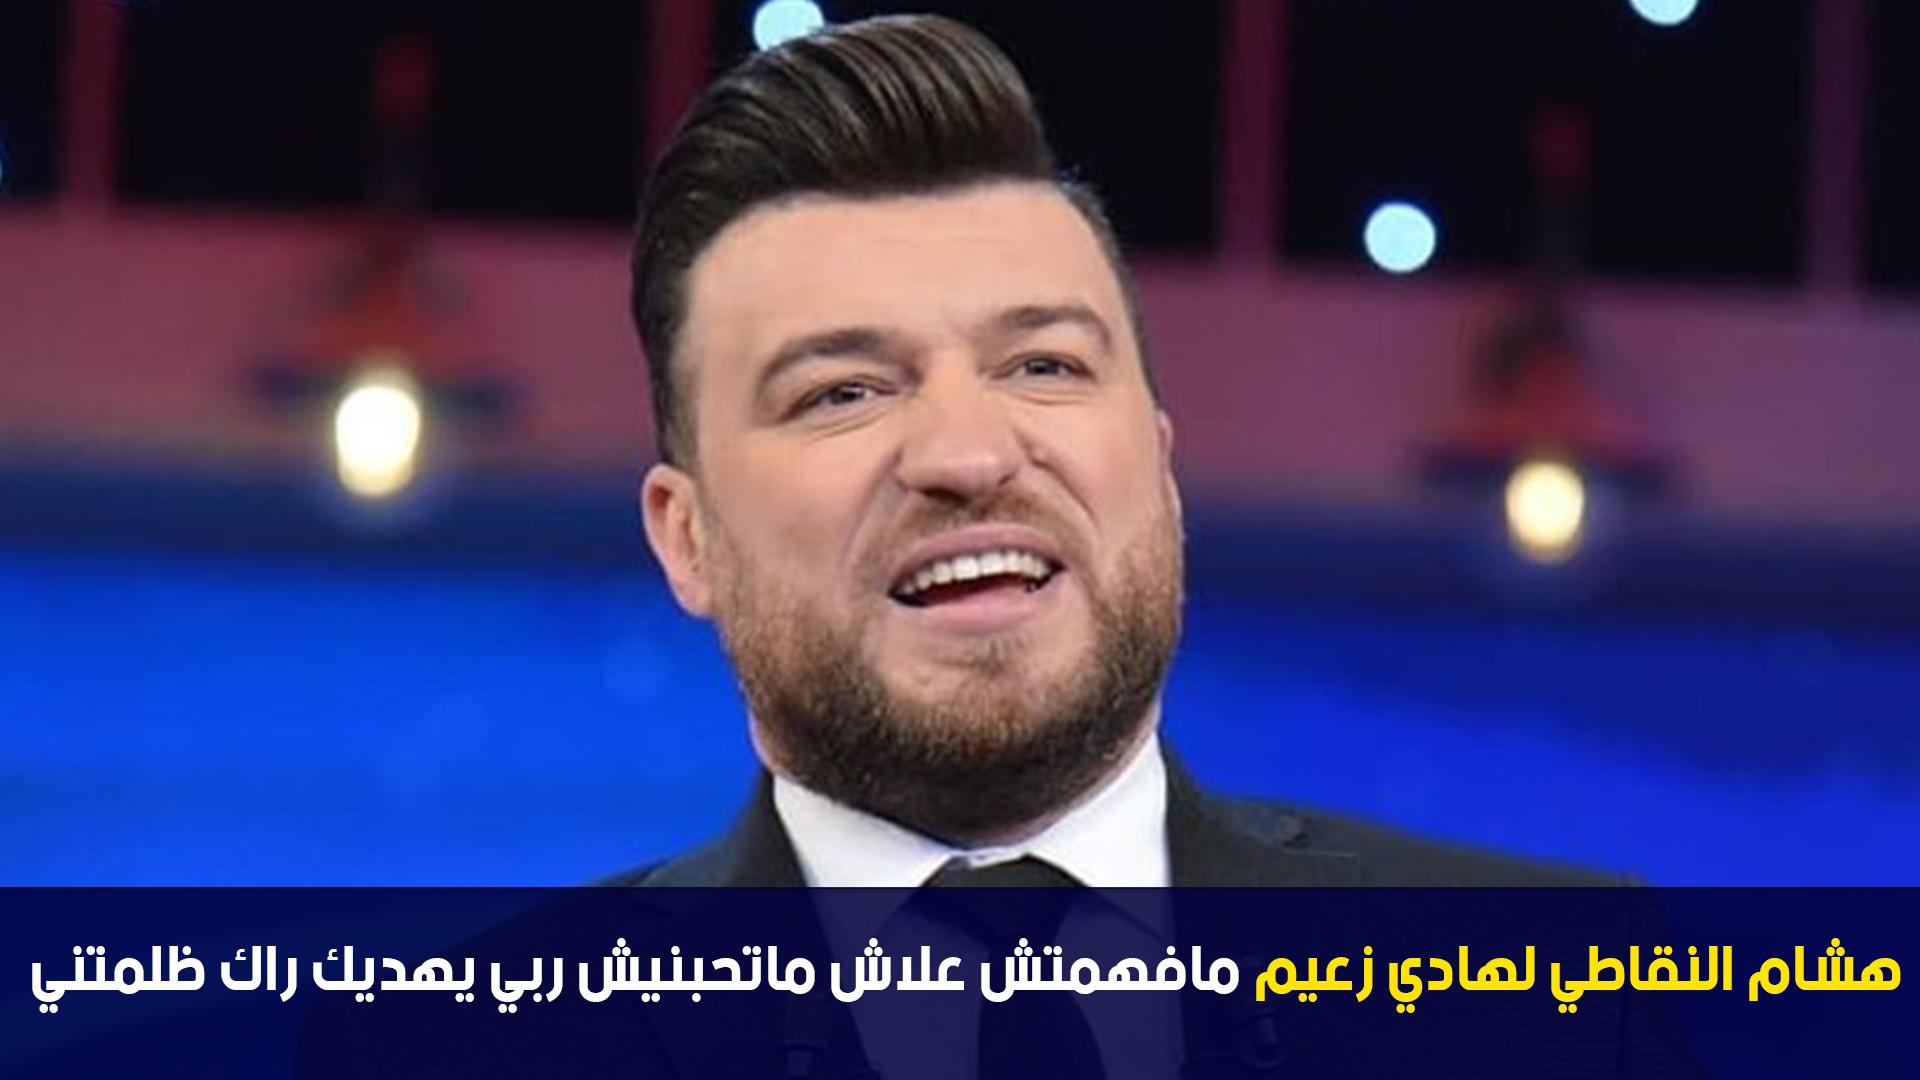 هشام النقاطي لهادي زعيم مافهمتش علاش ماتحبنيش ربي يهديك راك ظلمتني